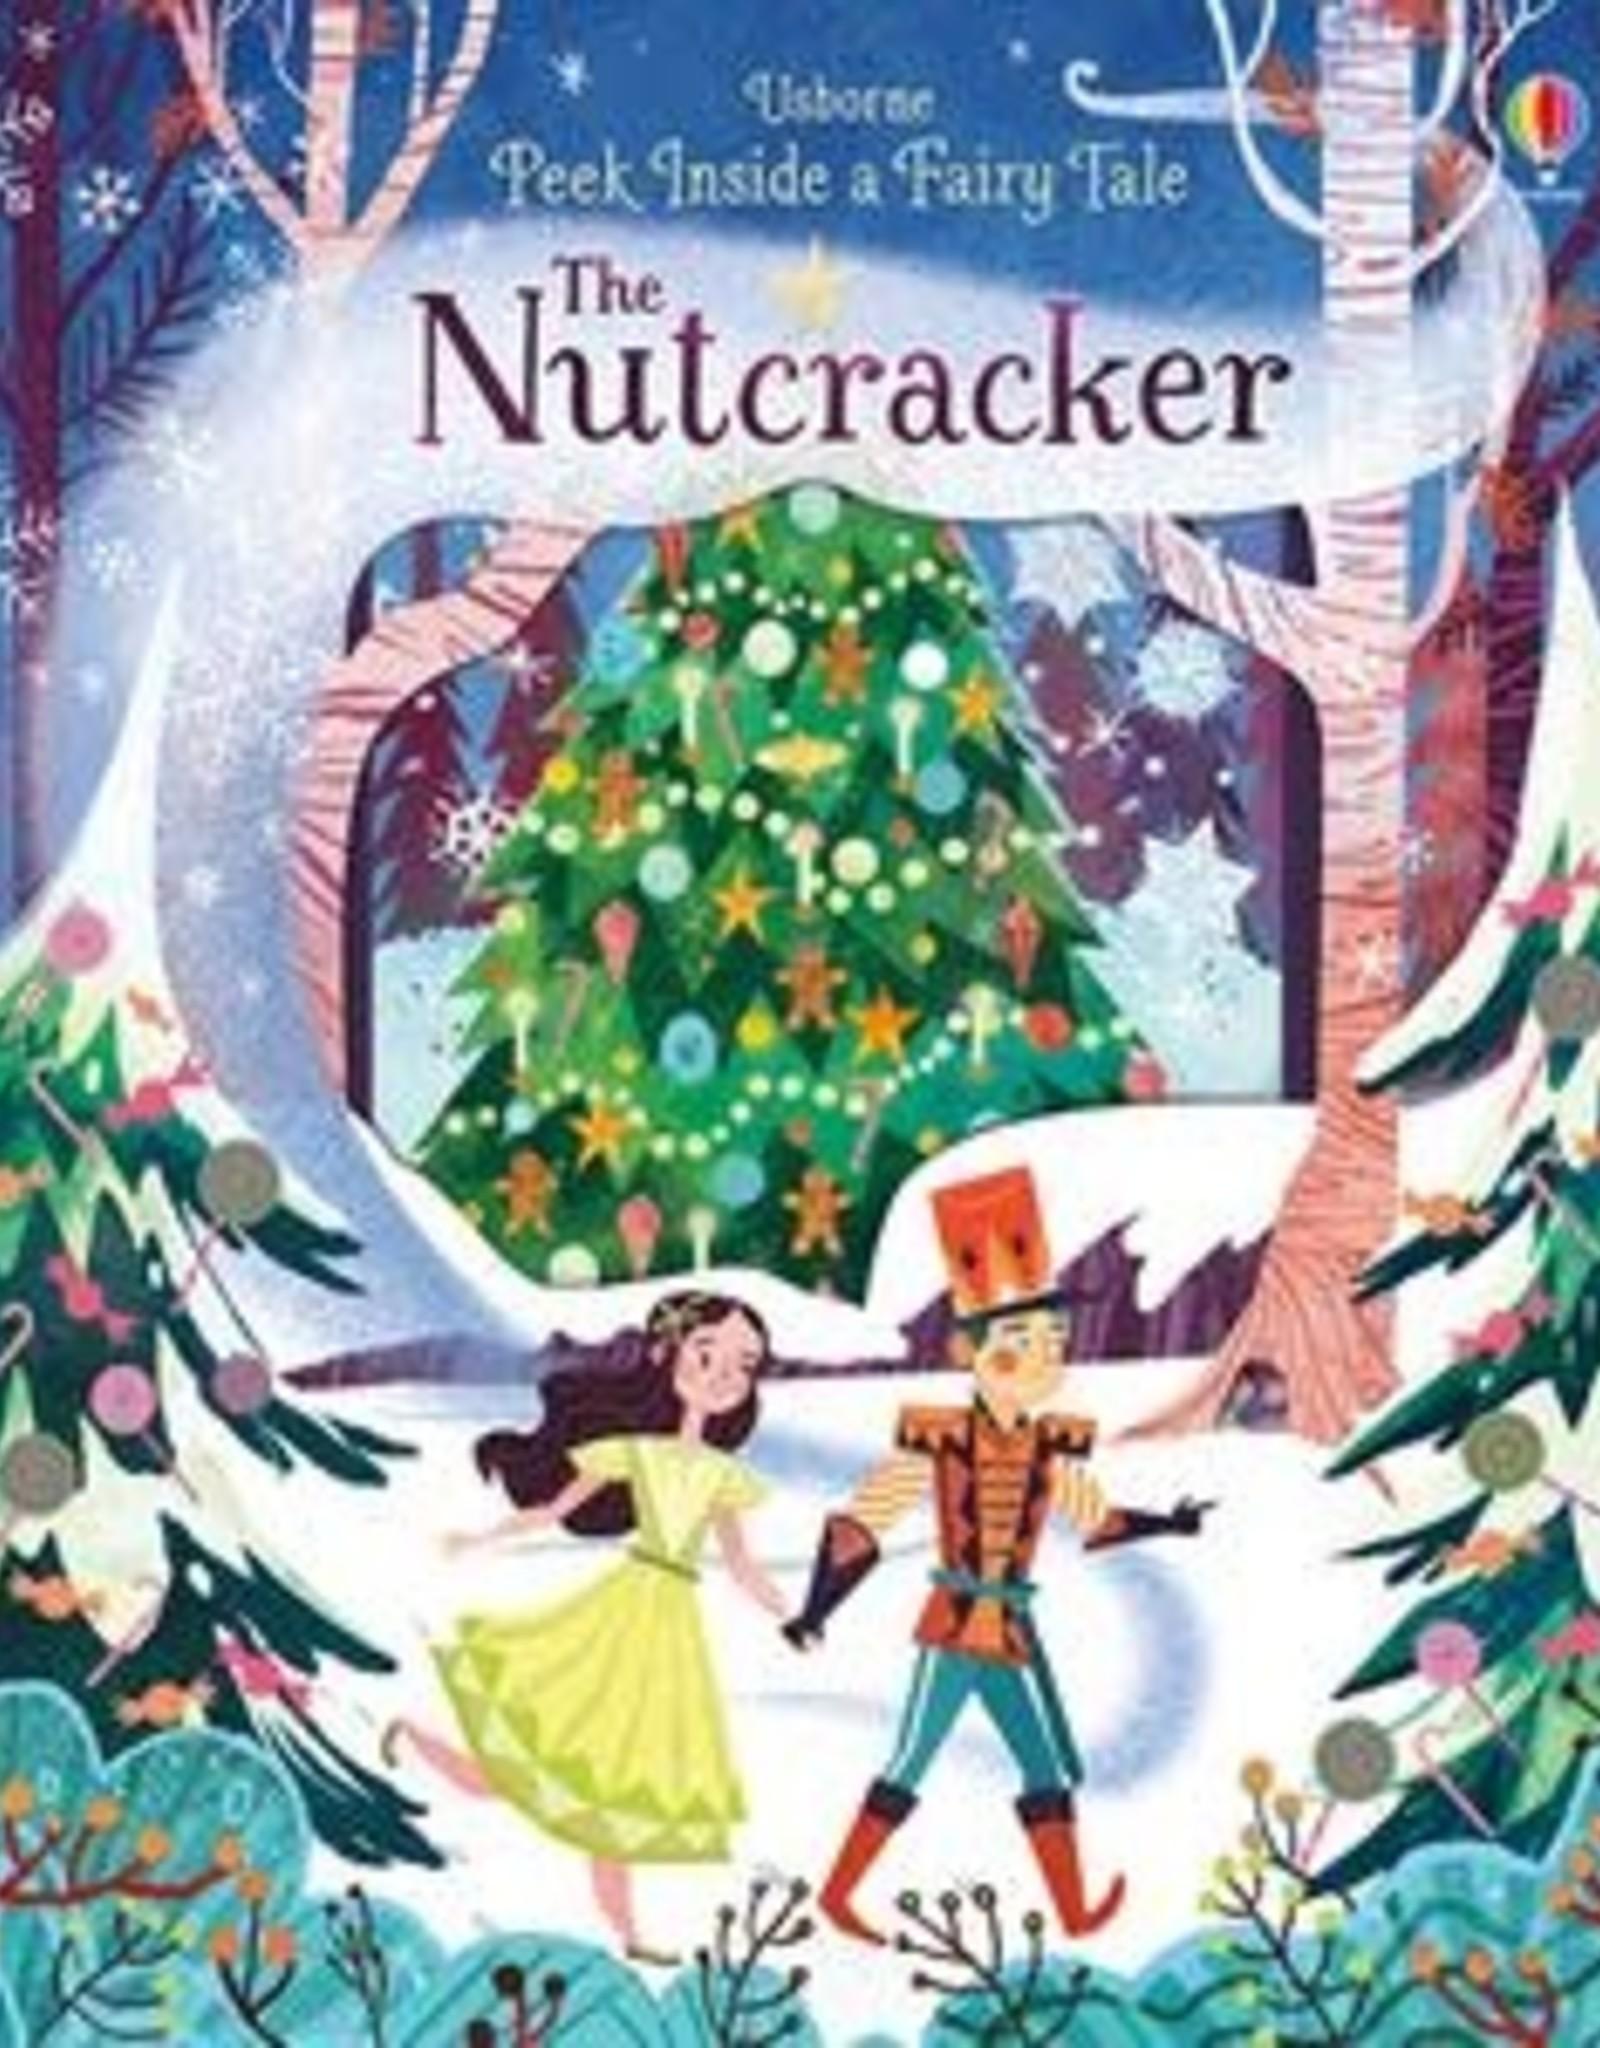 Usborne Peek Inside a Fairy Tale The Nutcracker